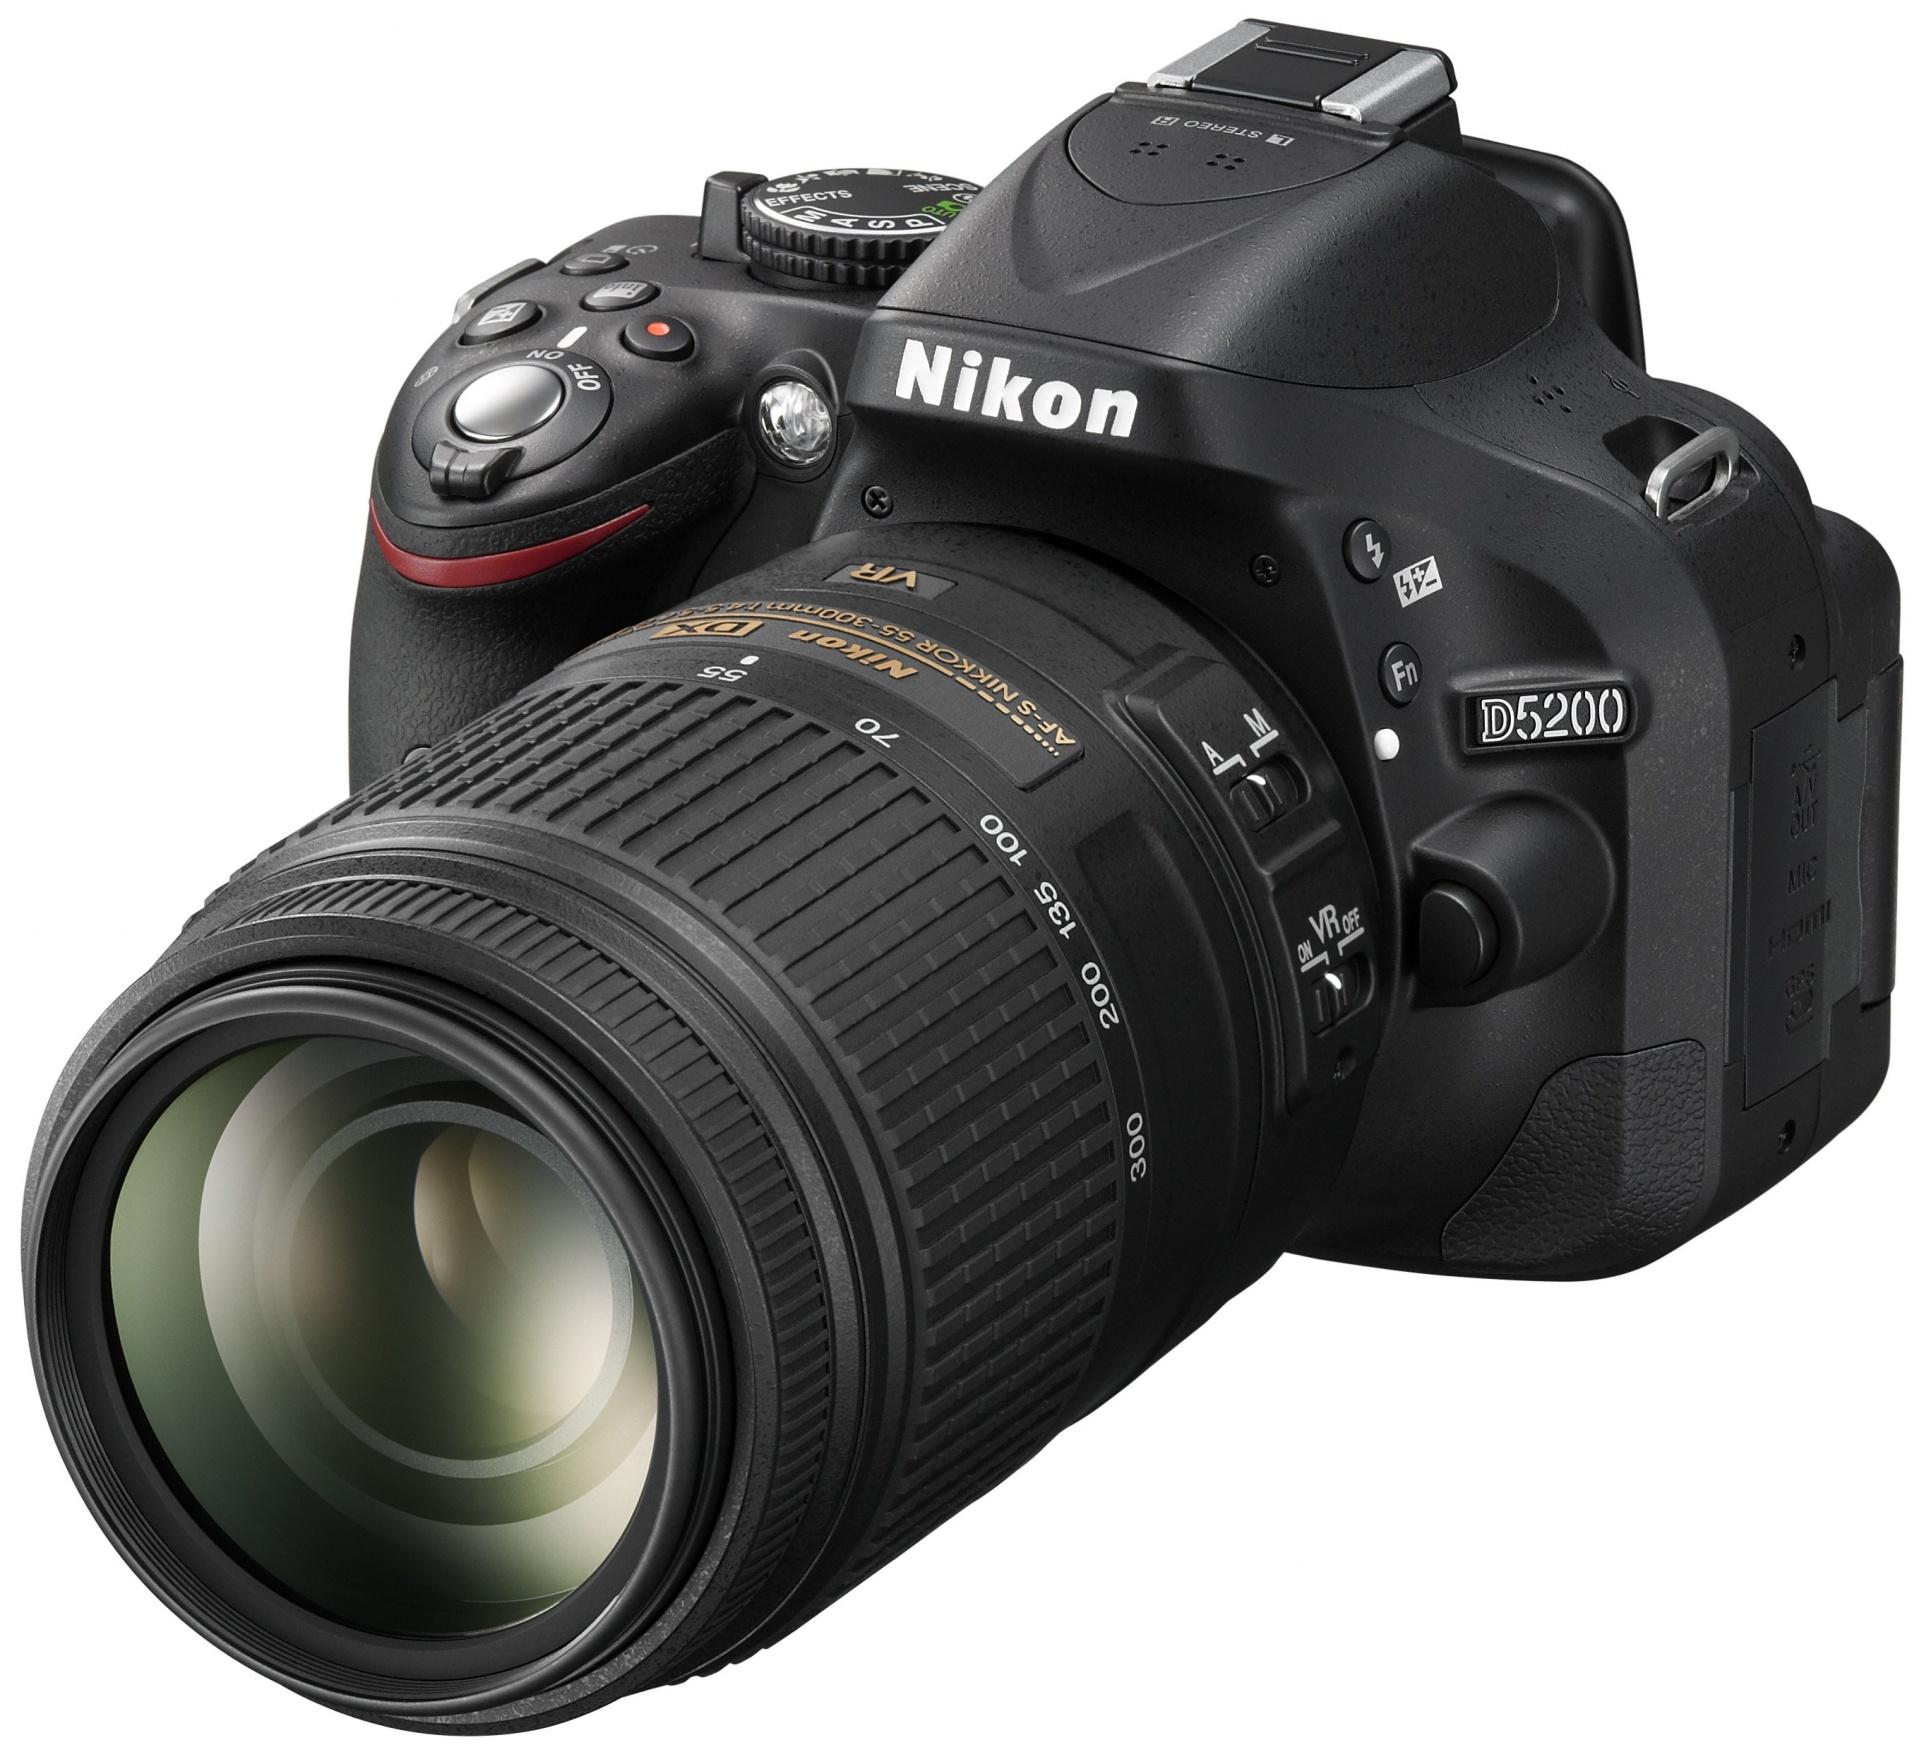 В Nikon постарались обновить D5100 так, чтобы никто не ругался на удобство и при этом не угробить продажи старших зеркалок. Получилось ли?